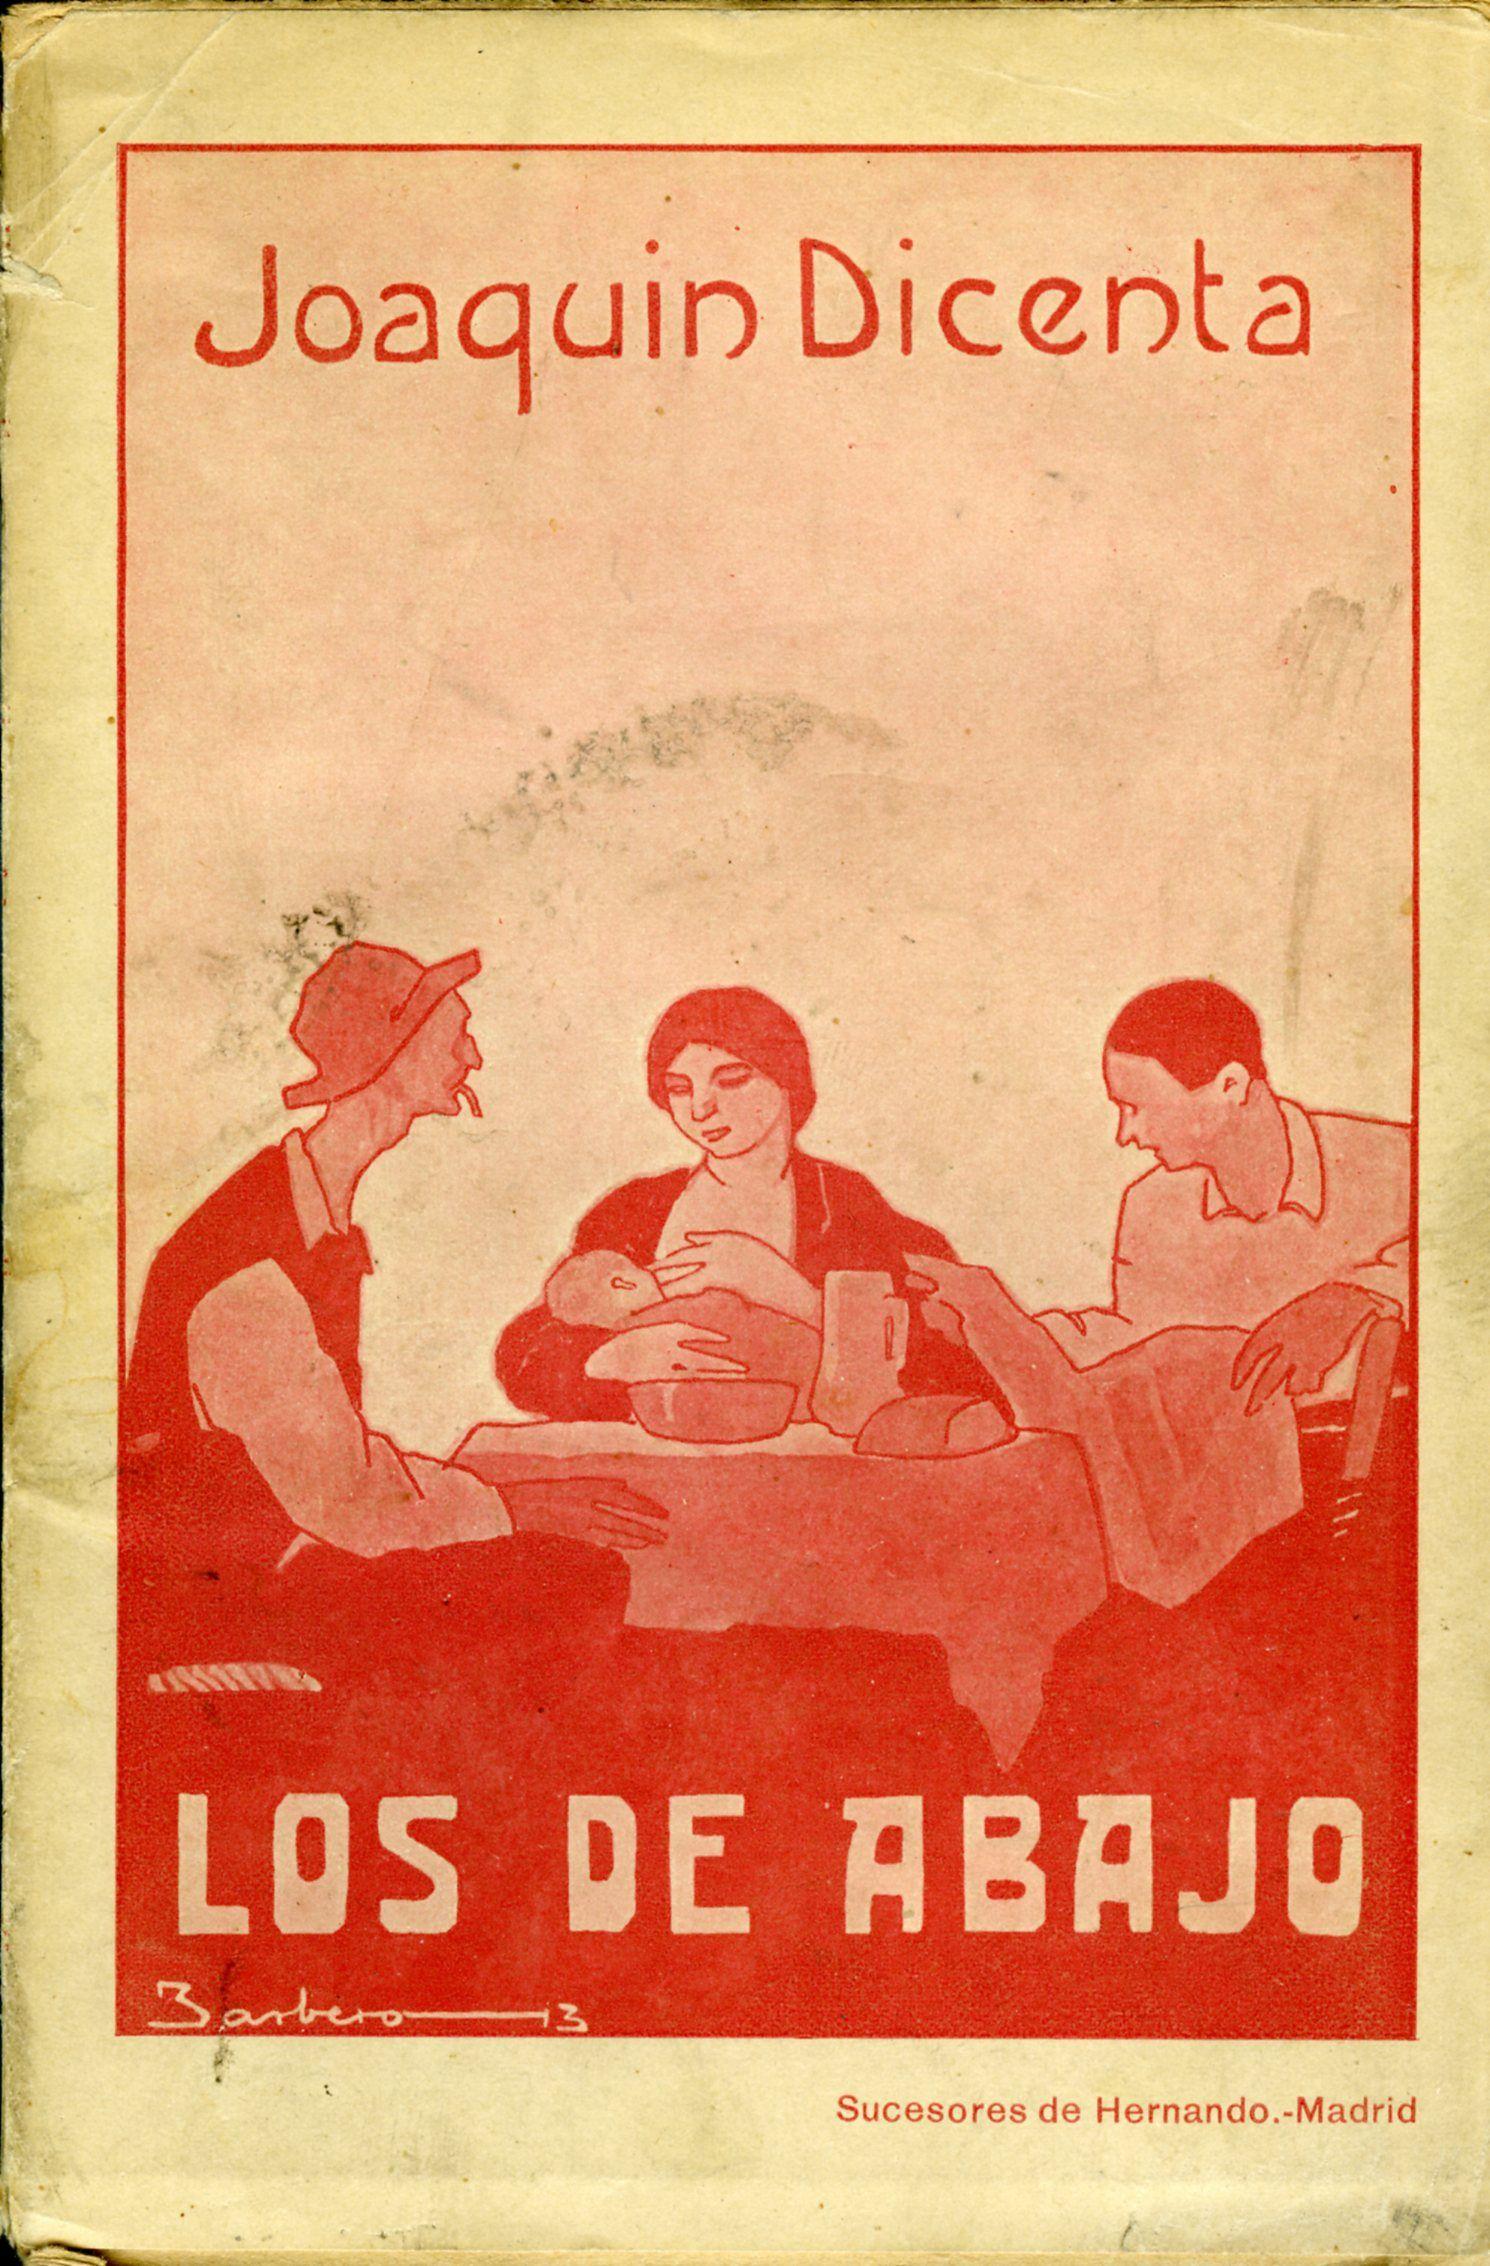 Obra de Dicenta   https://javierbarreiro.wordpress.com/category/bohemia-espanola/